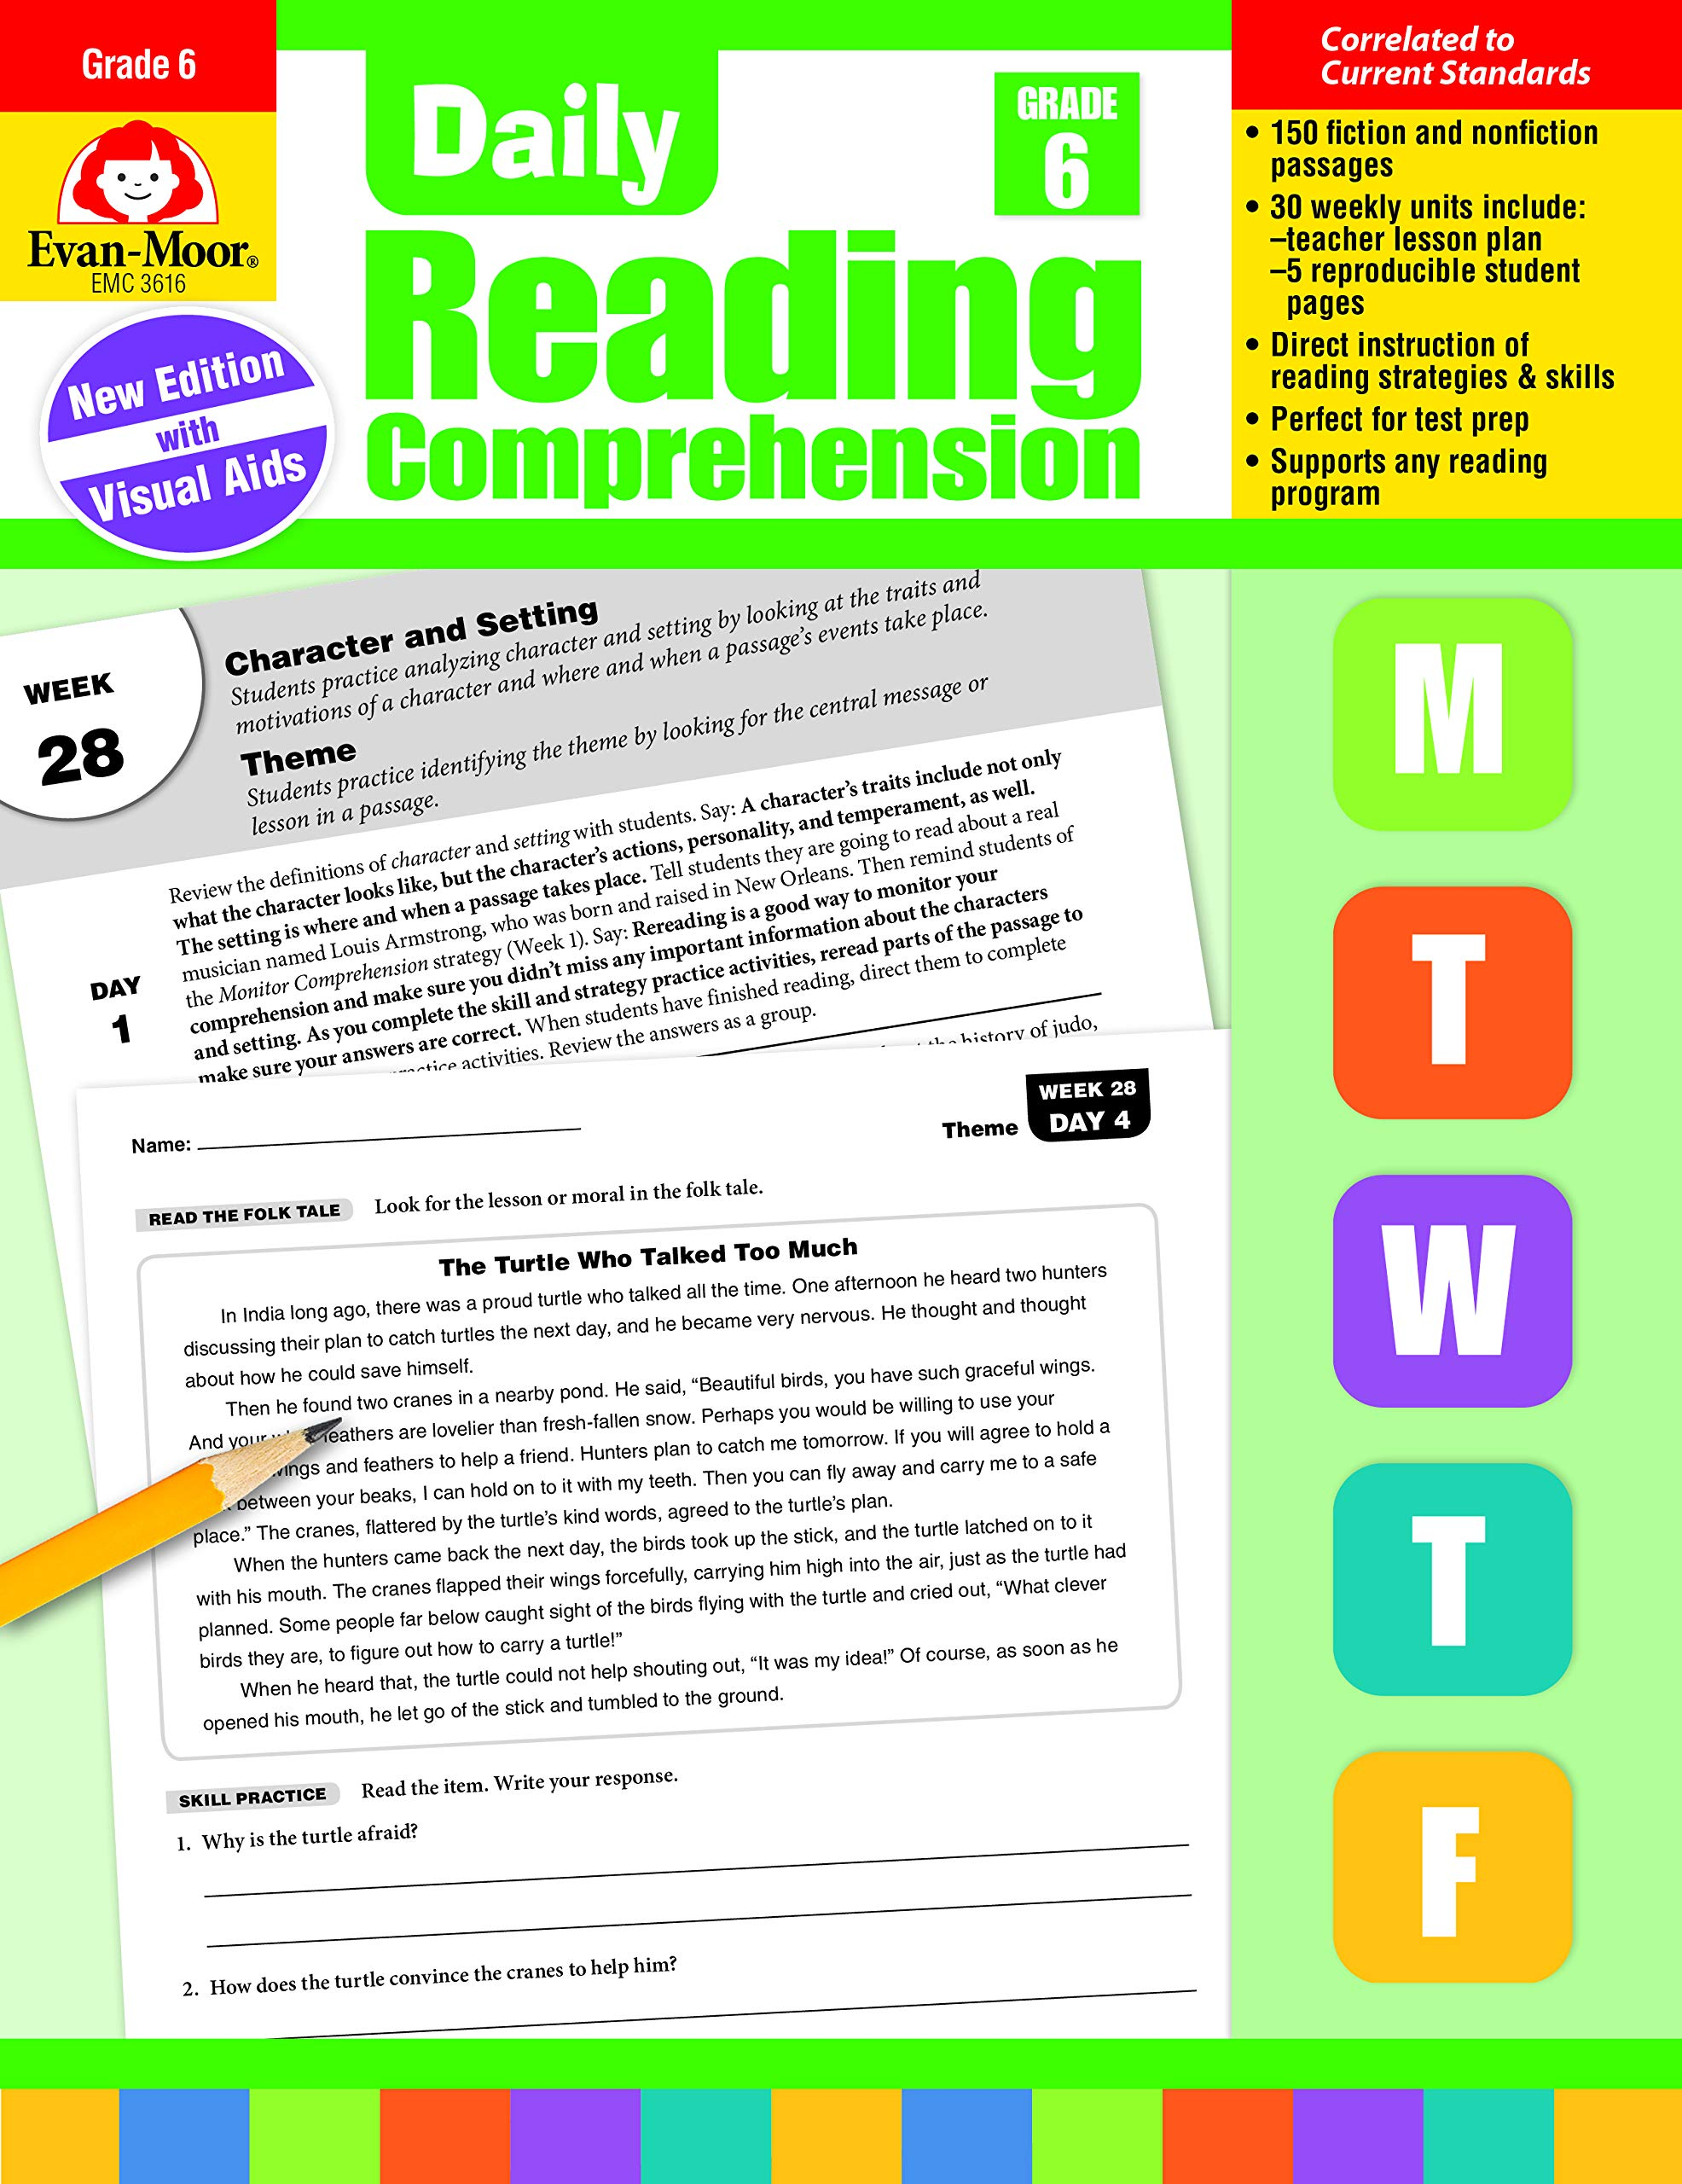 - Amazon.com: Evan-Moor Daily Reading Comprehension, Grade 6